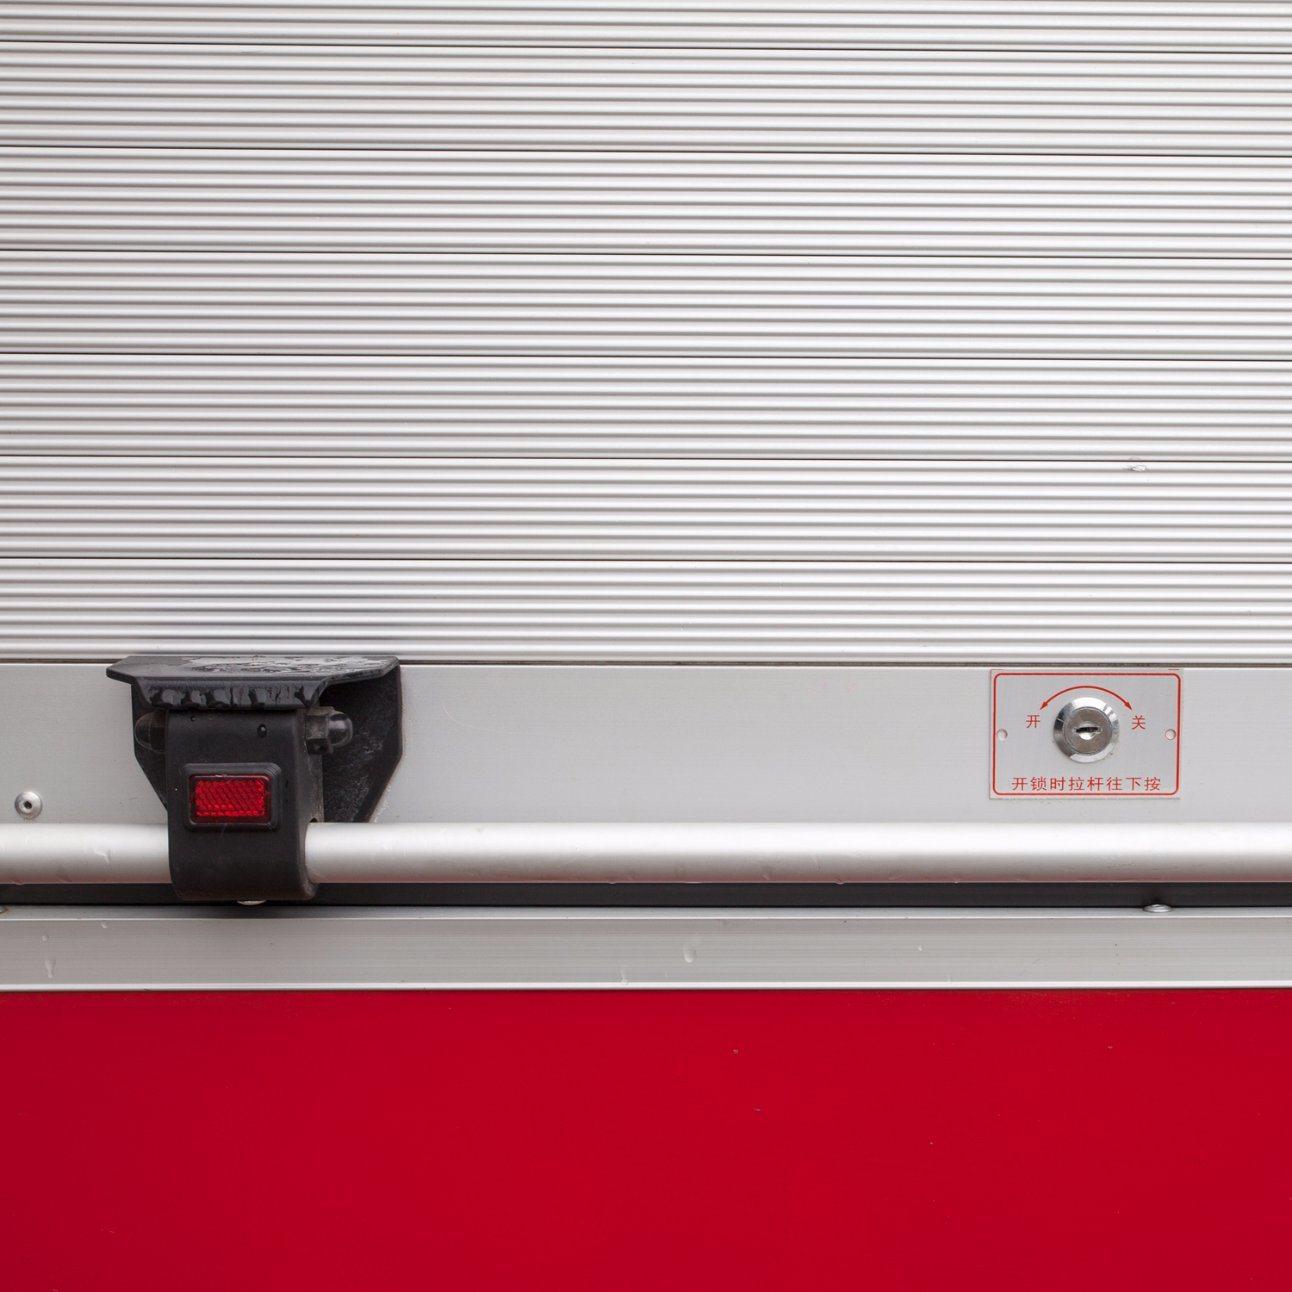 Aluminum Alloy Fire Roller Shutter for Fire Truck